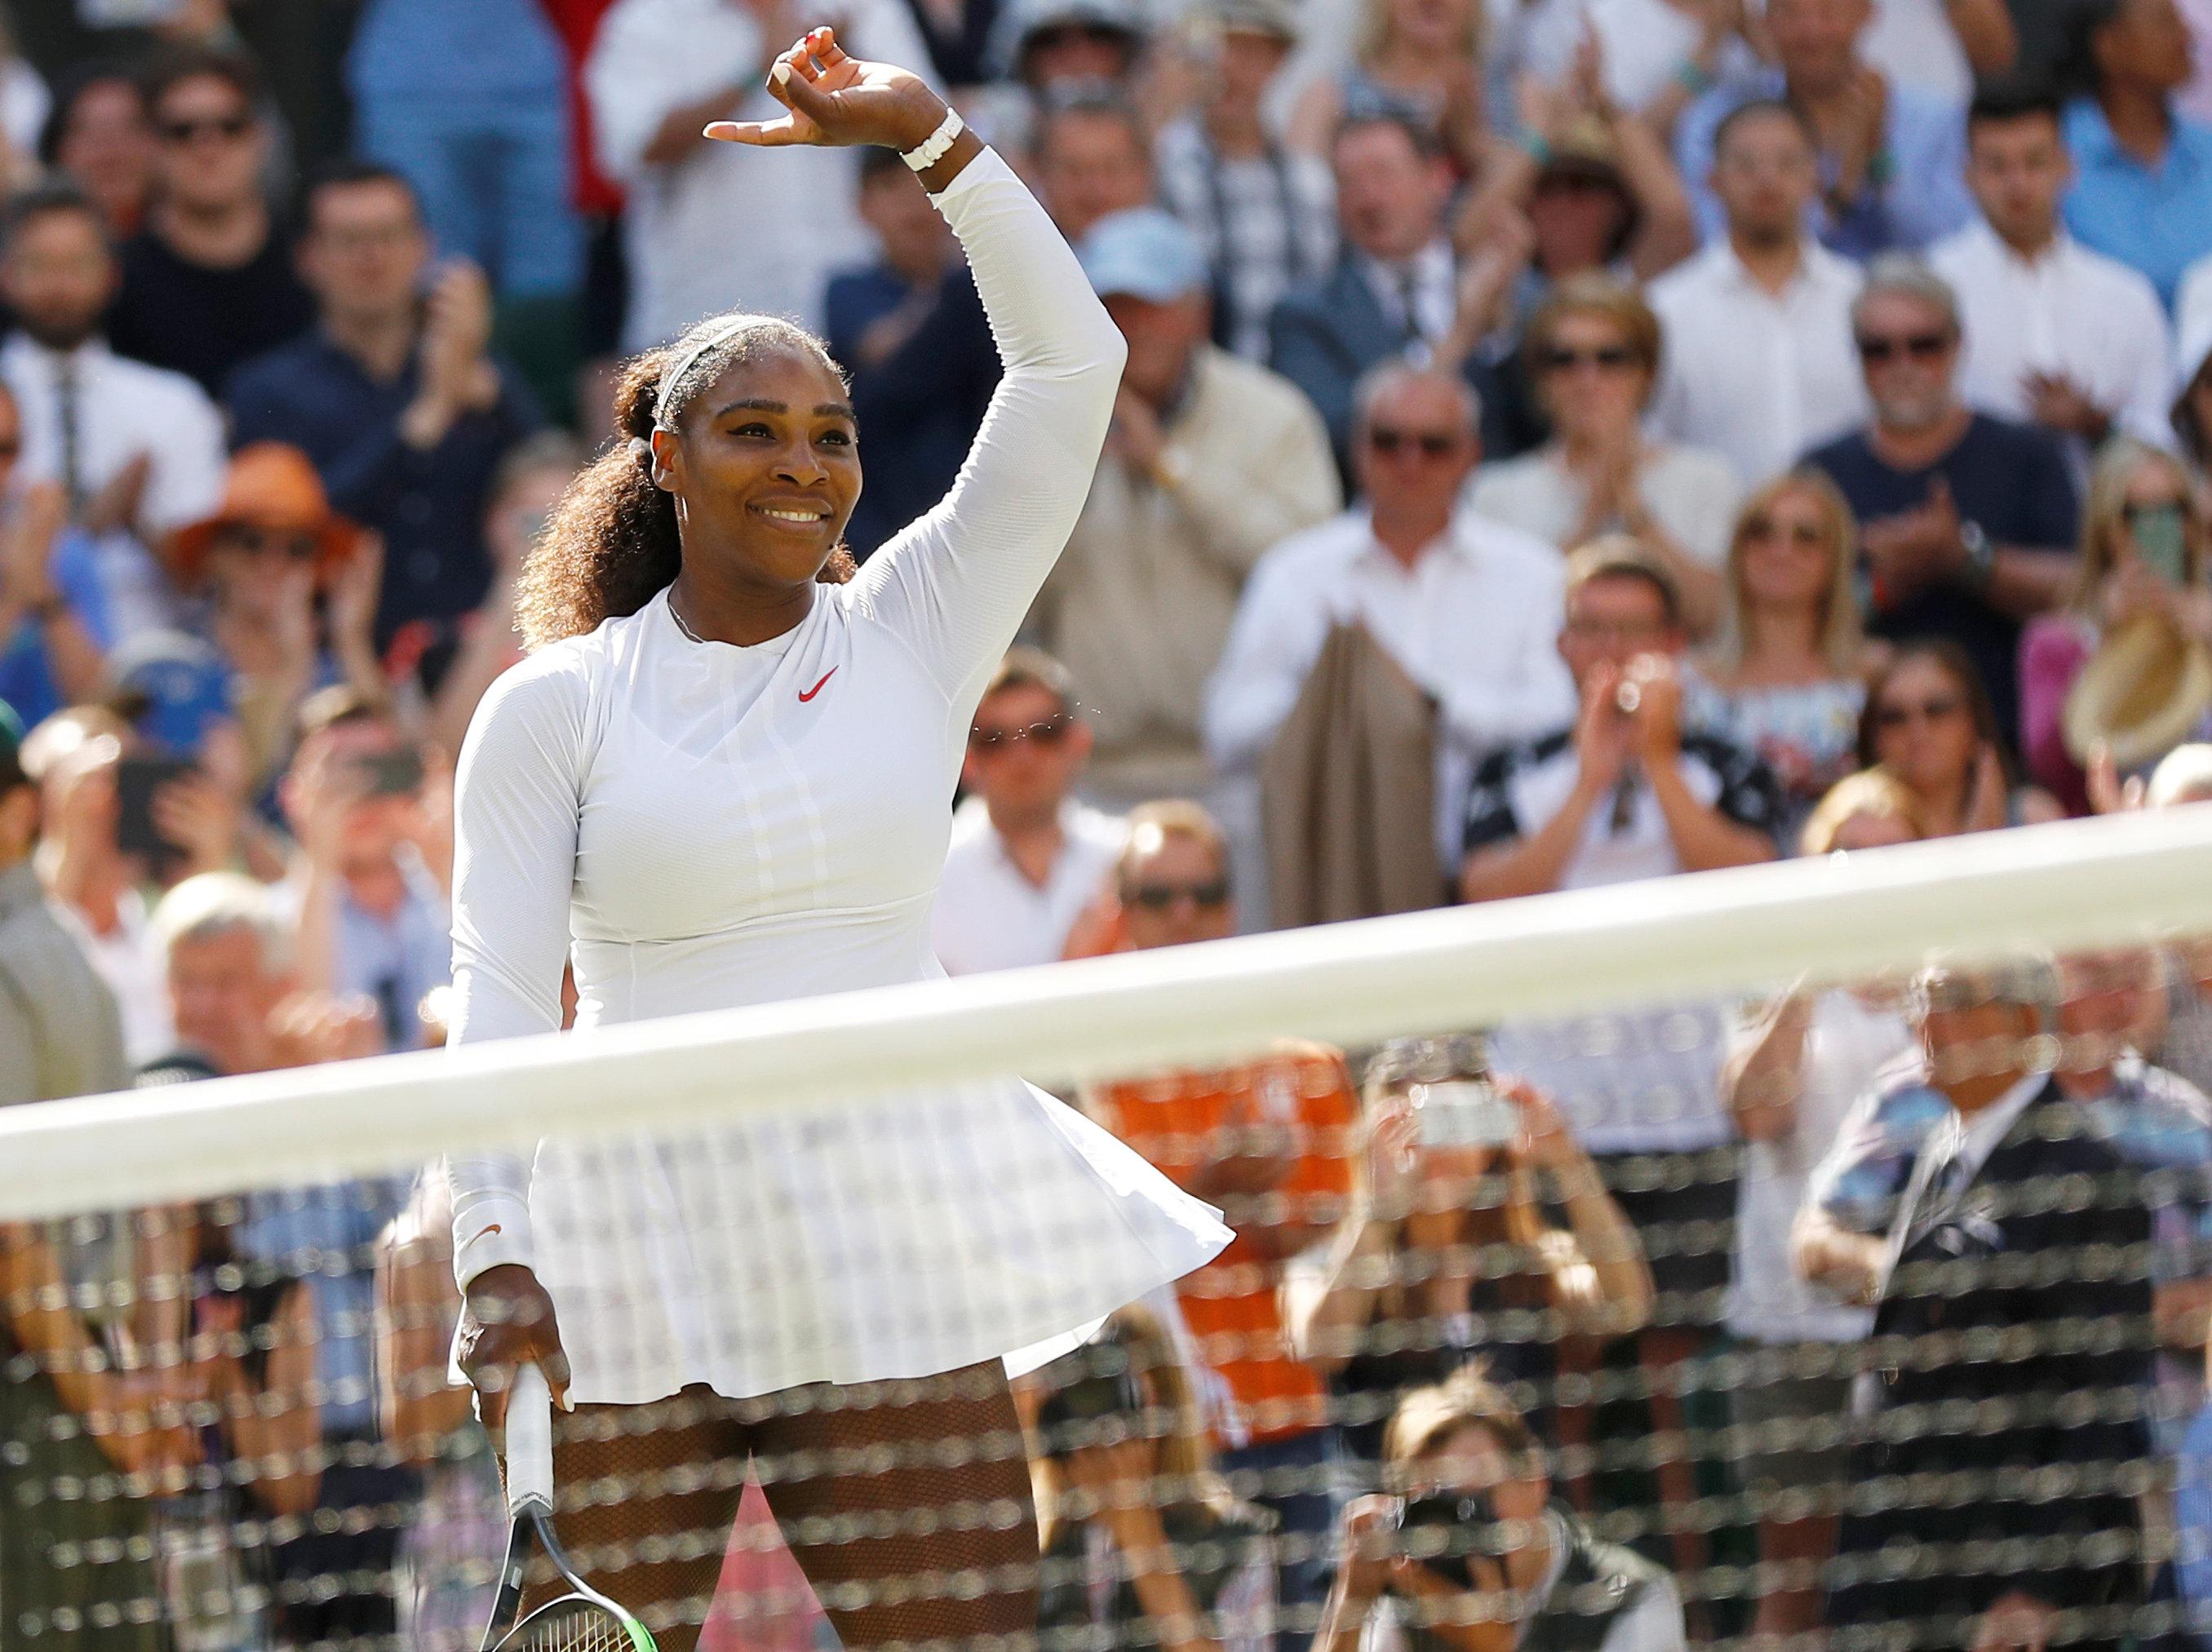 Tennis: Serena keeps calm and rolls past Giorgi